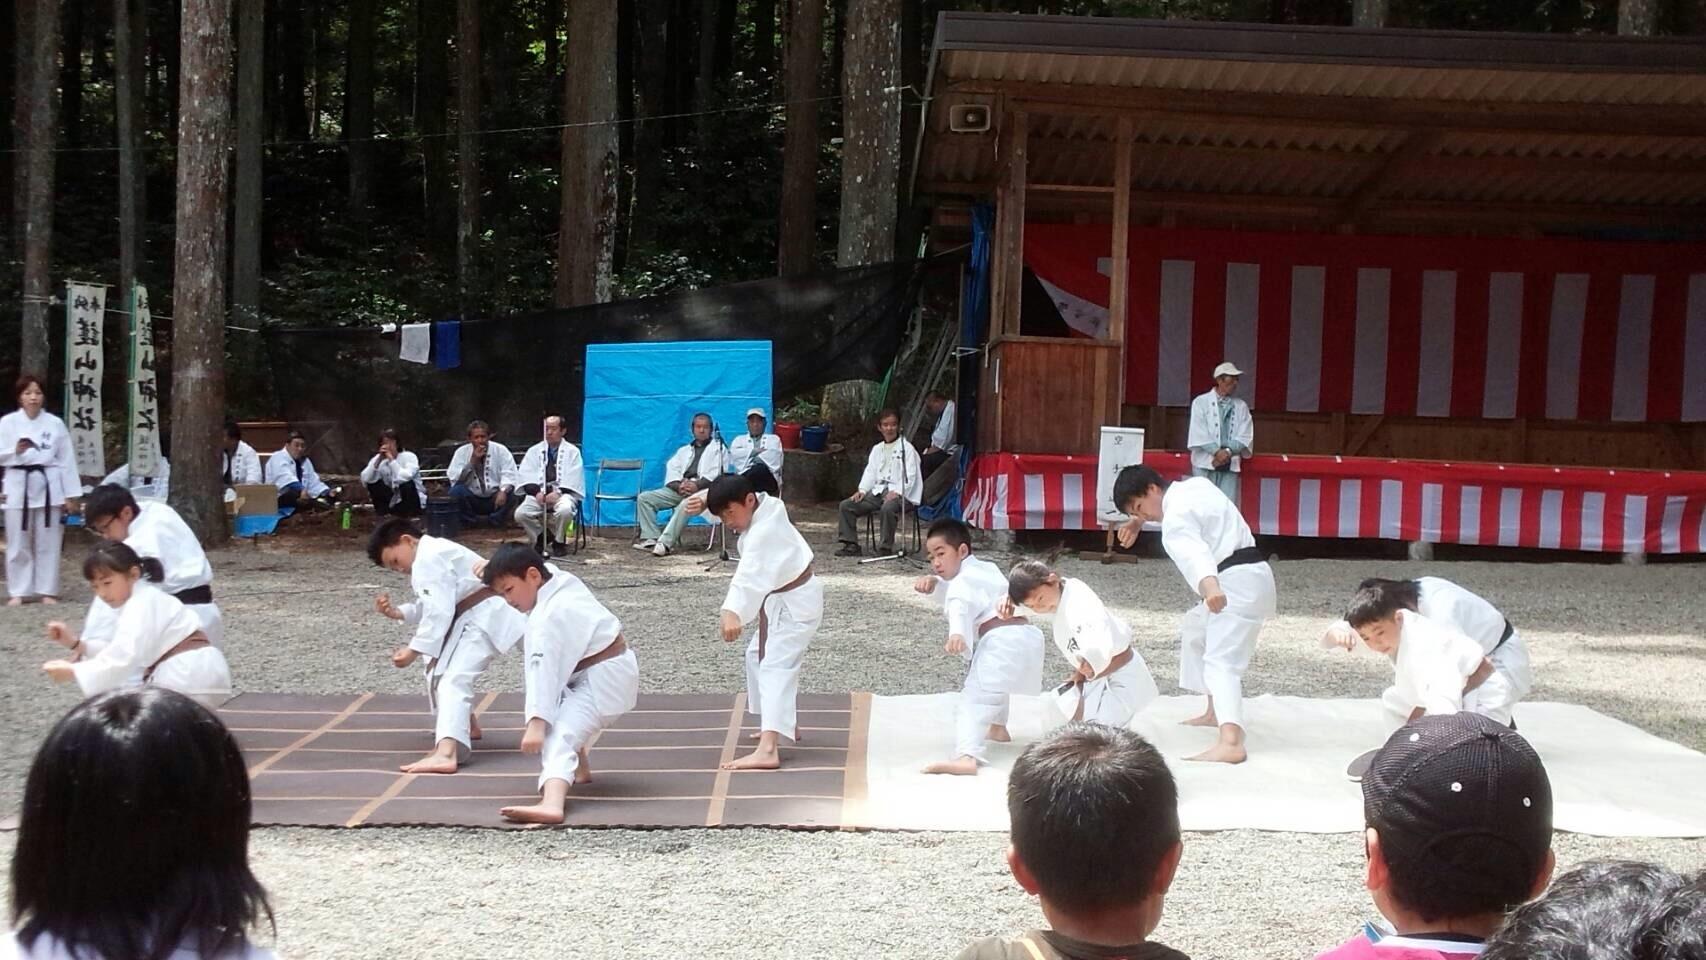 護山神社春の祭典(空手奉納)_d0010630_16233452.jpeg